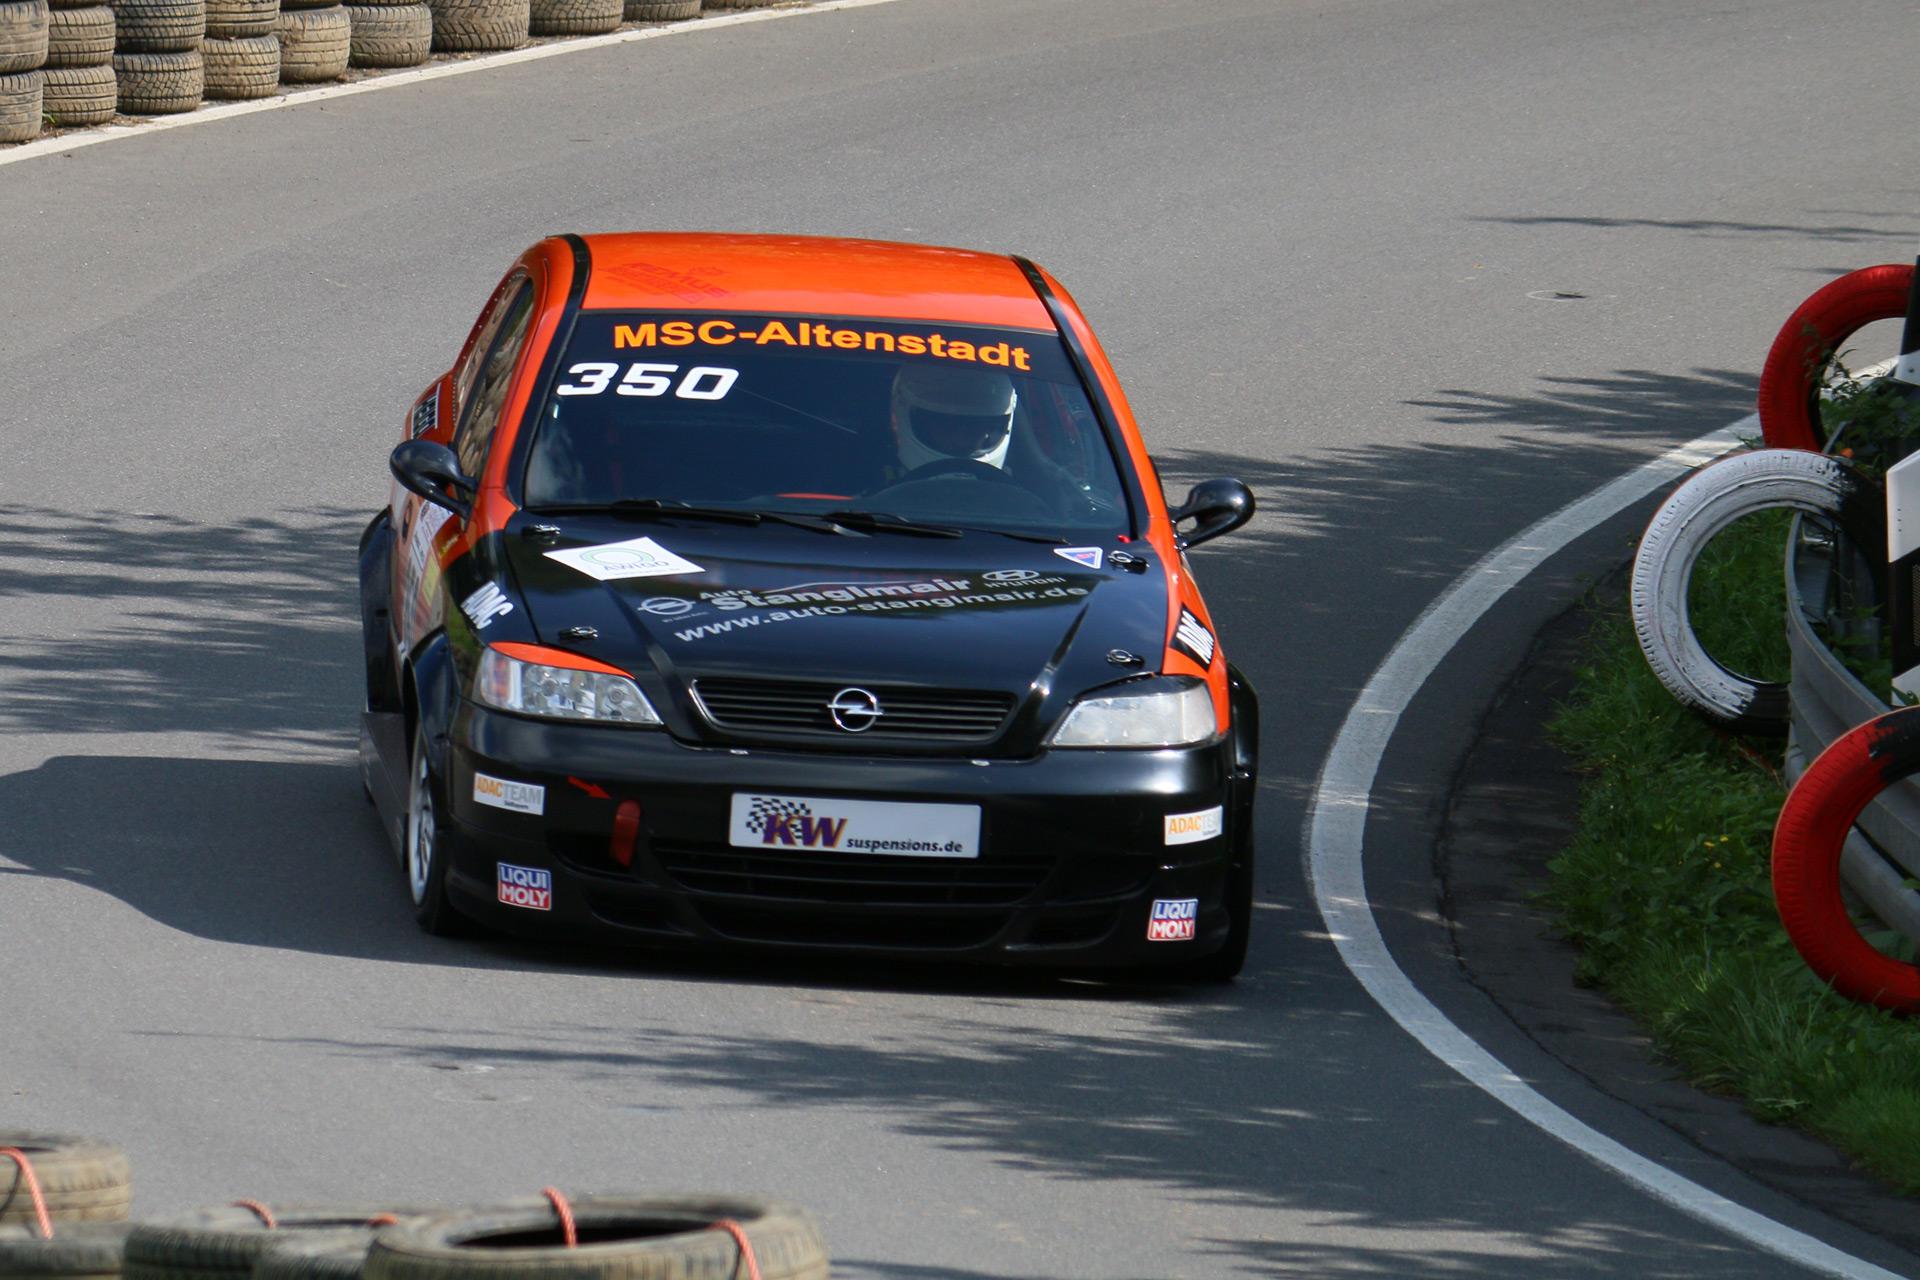 """""""OPC"""" (für Opel Performance Center) löste 1999 das """"GSi""""-Kürzel (Grand Sport injection) bei Opel vorläufig ab. Der erste Astra OPC war eine auf 3000 Exemplare limitierte sportliche Homologationsauflage des Astra G."""